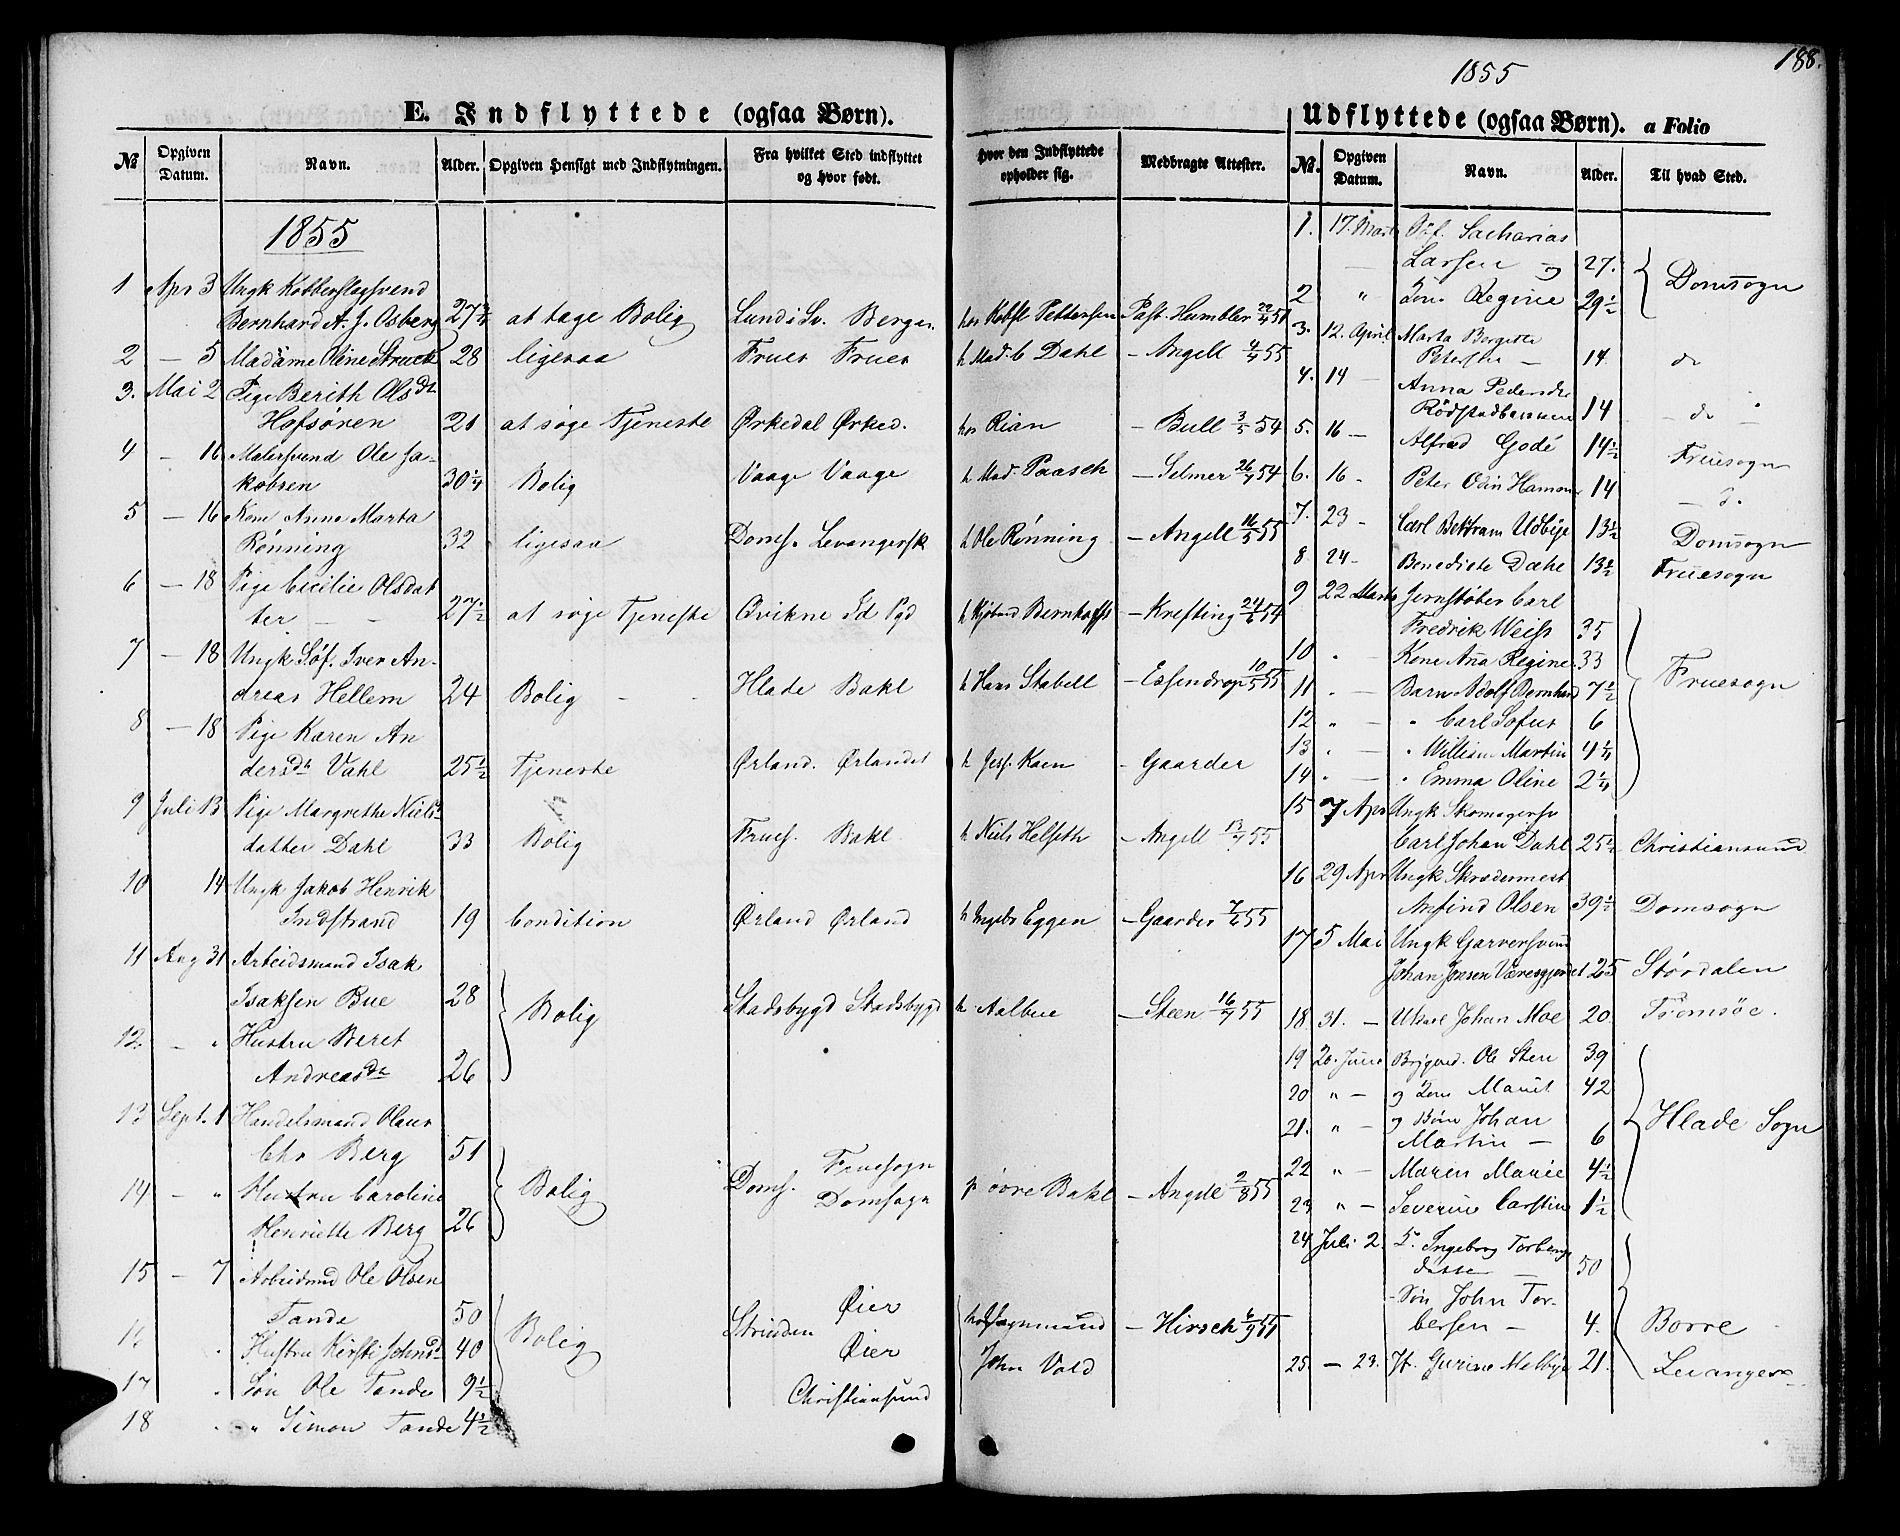 SAT, Ministerialprotokoller, klokkerbøker og fødselsregistre - Sør-Trøndelag, 604/L0184: Ministerialbok nr. 604A05, 1851-1860, s. 188